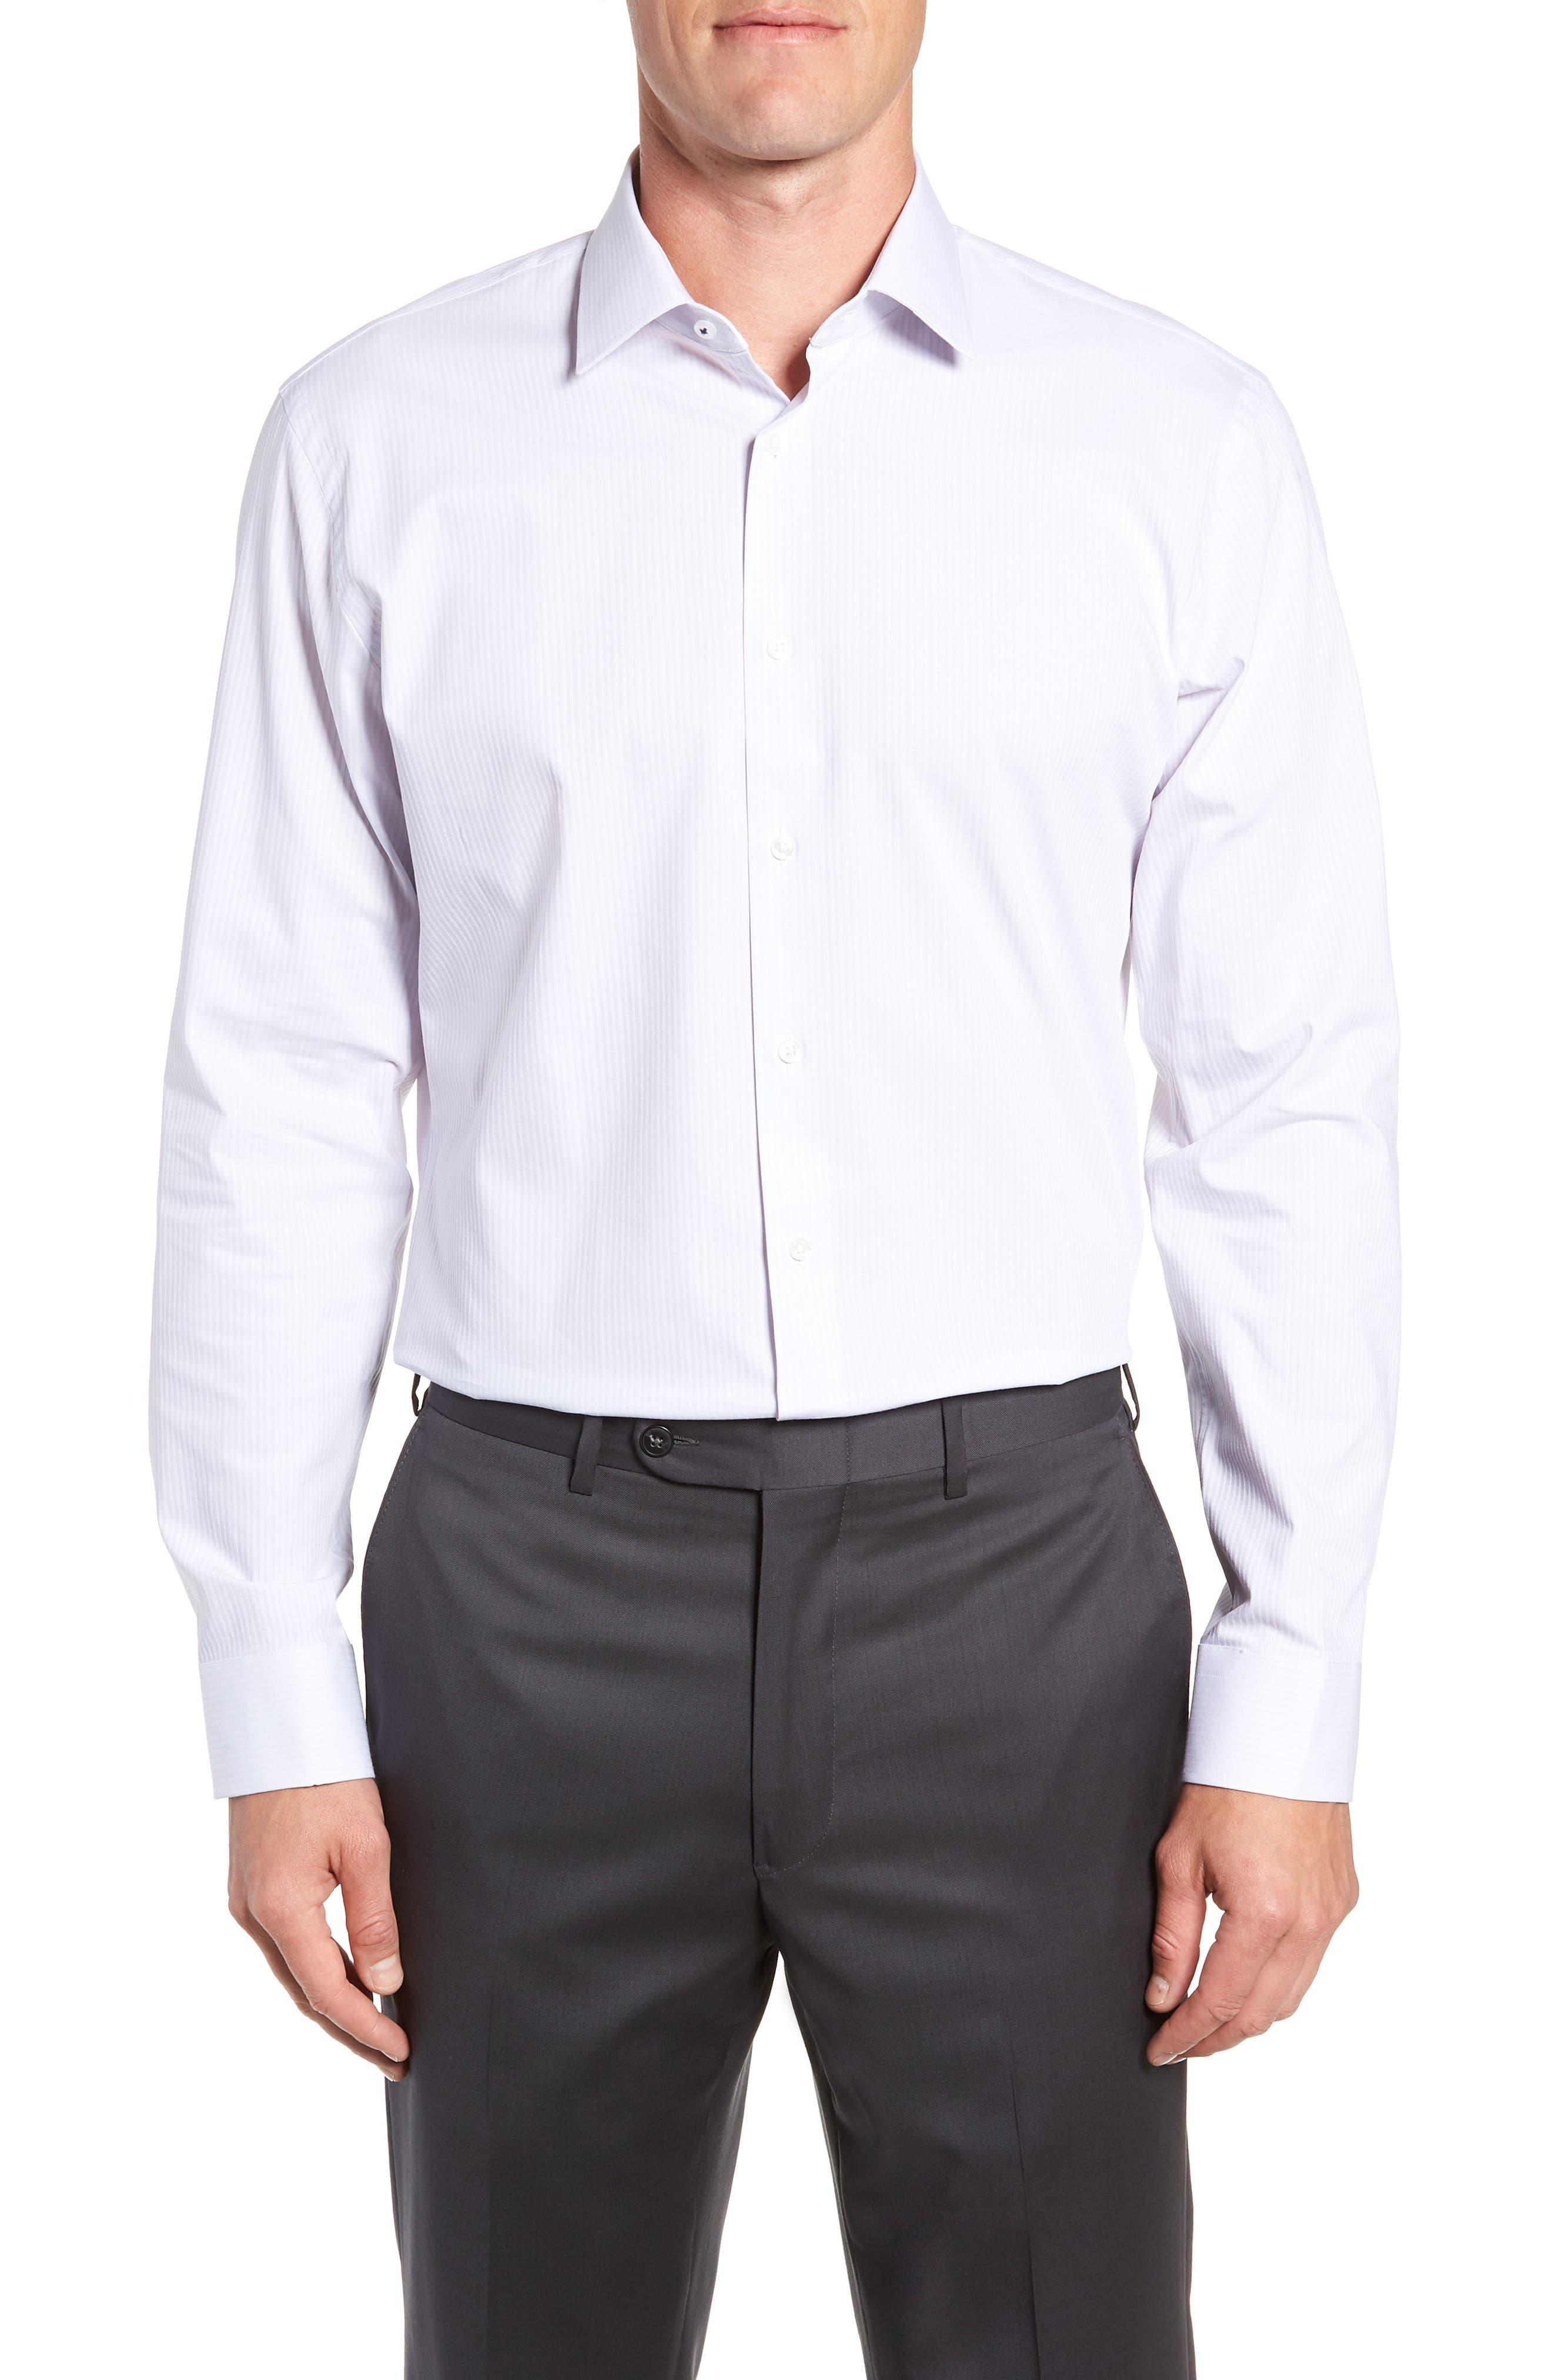 NORDSTROM MEN'S SHOP,                             Tech-Smart Trim Fit Stretch Stripe Dress Shirt,                             Main thumbnail 1, color,                             050